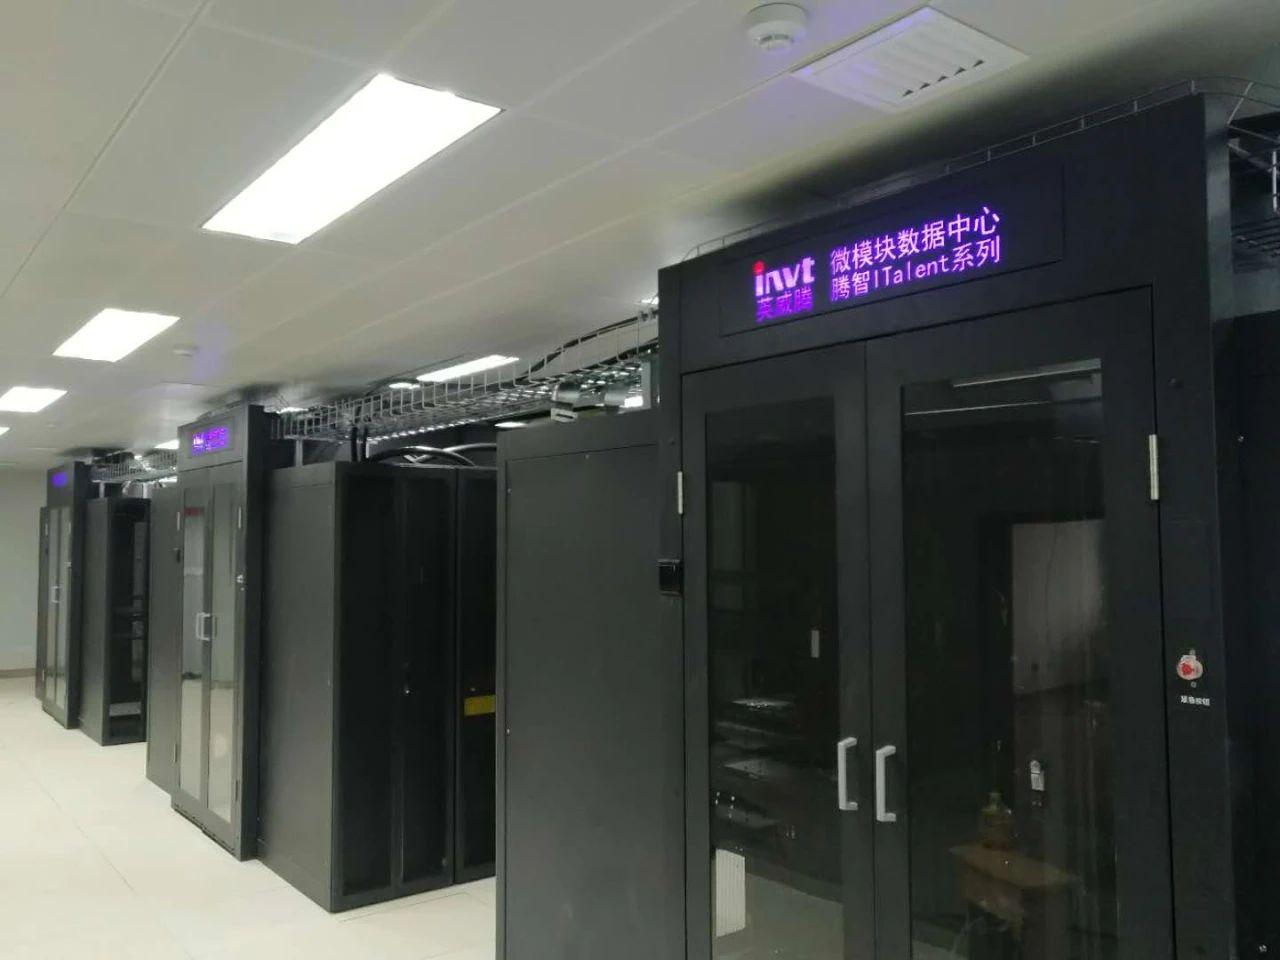 英威腾数据中心解决方案 成功应用于湖南省监狱管理局